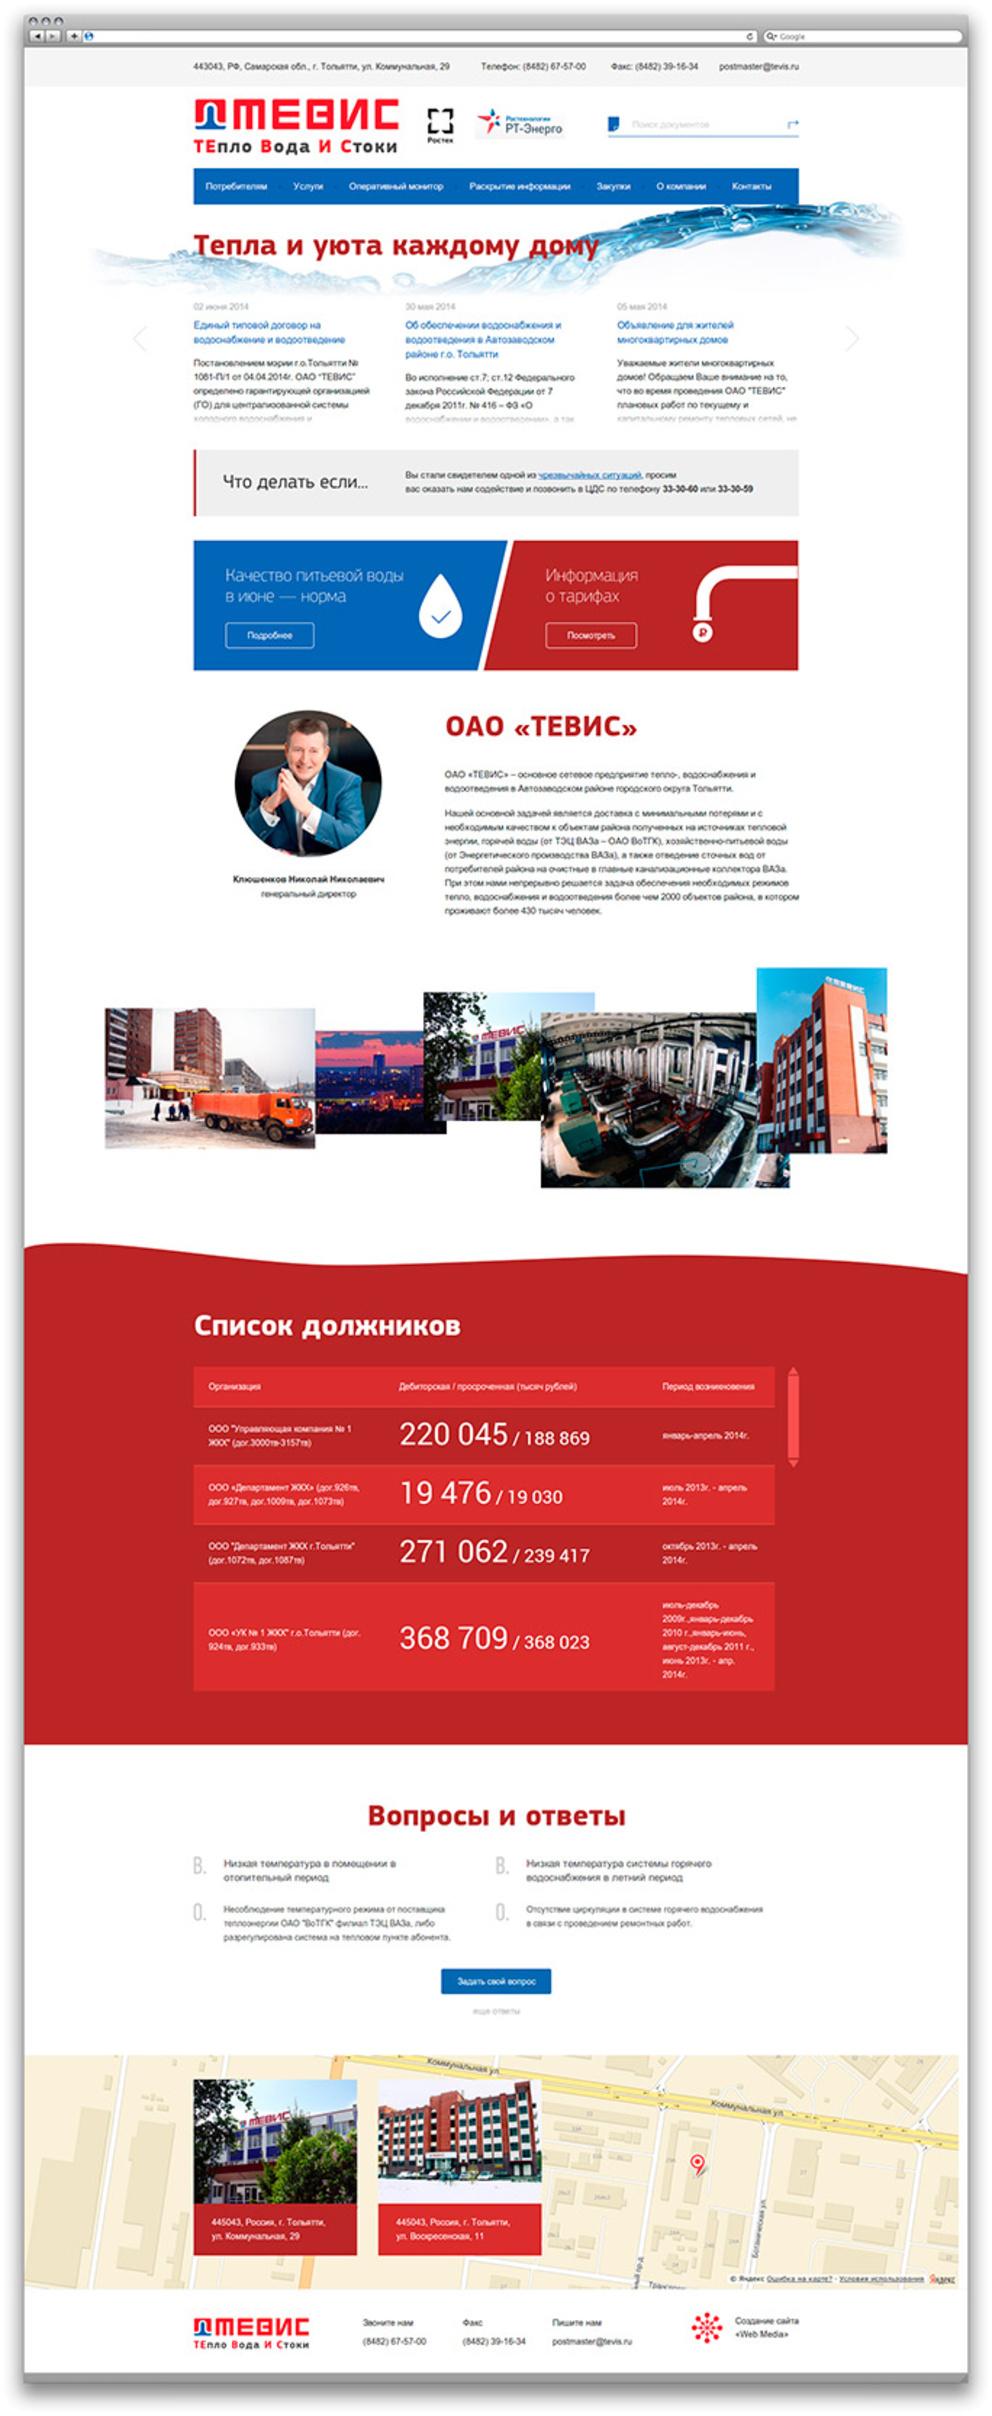 ТЕВИС / Проект компании Web Media